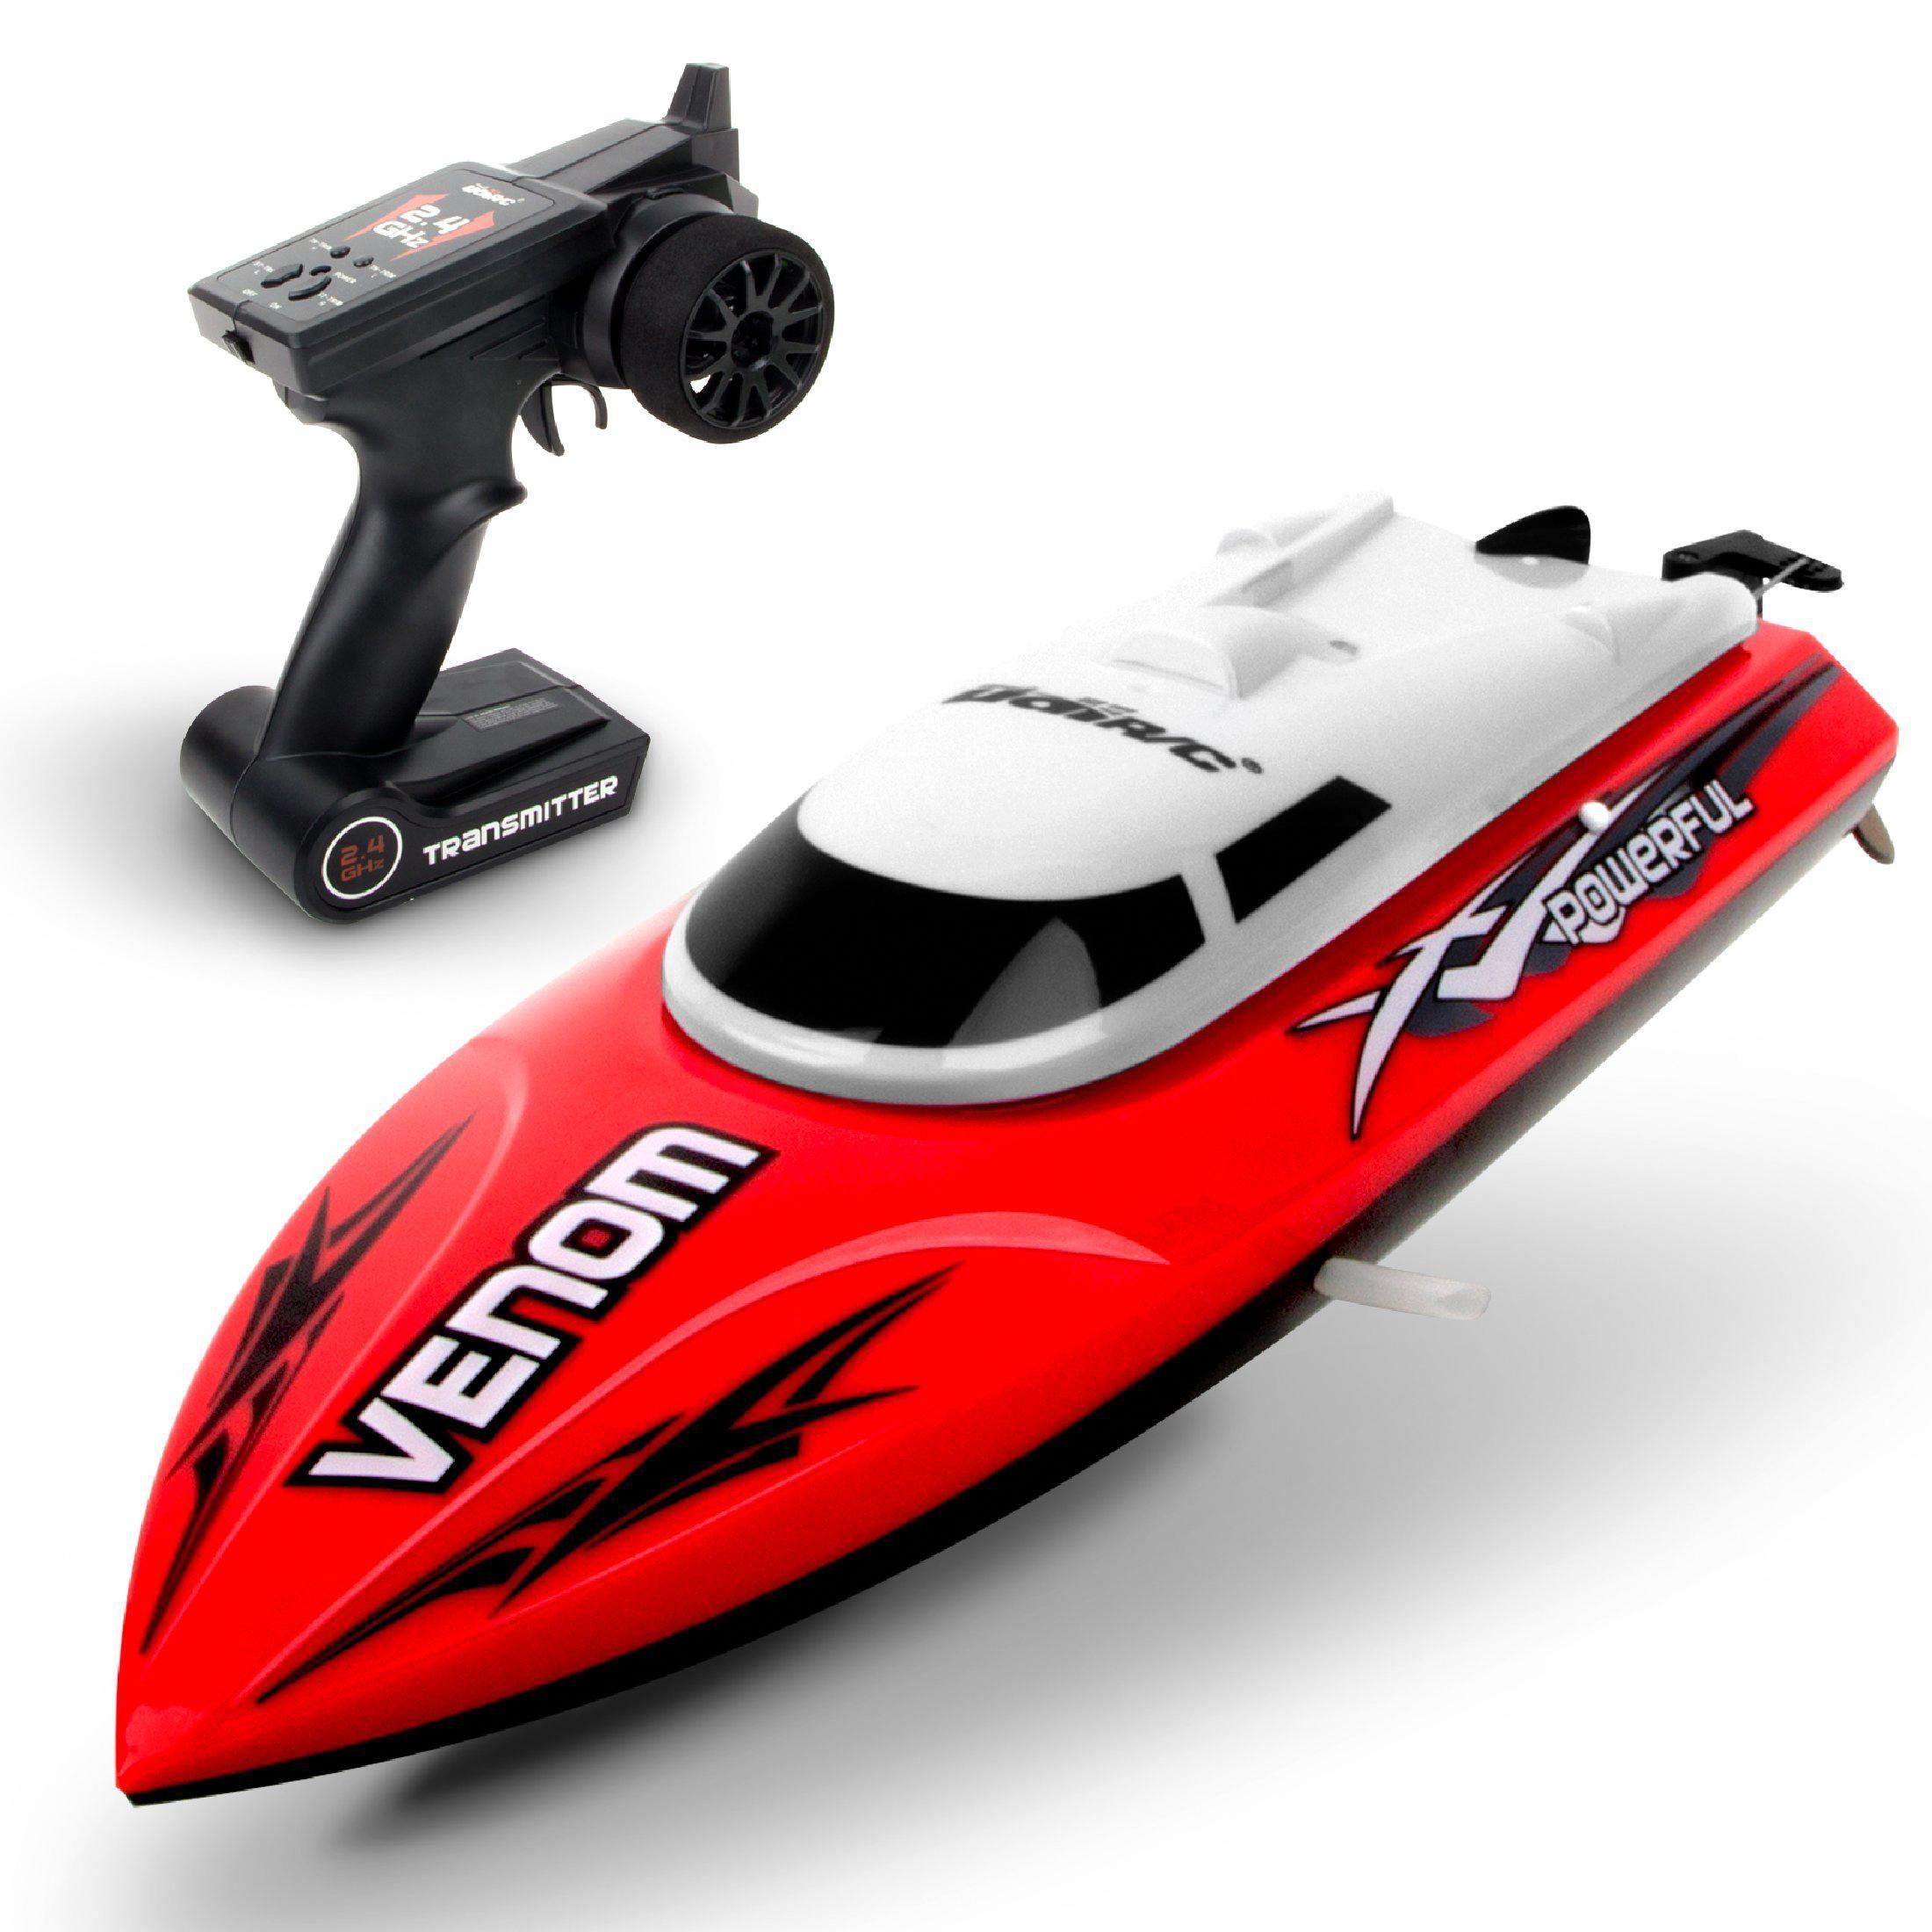 UDI001 Venom Remote Control Boat (Red) Remote control